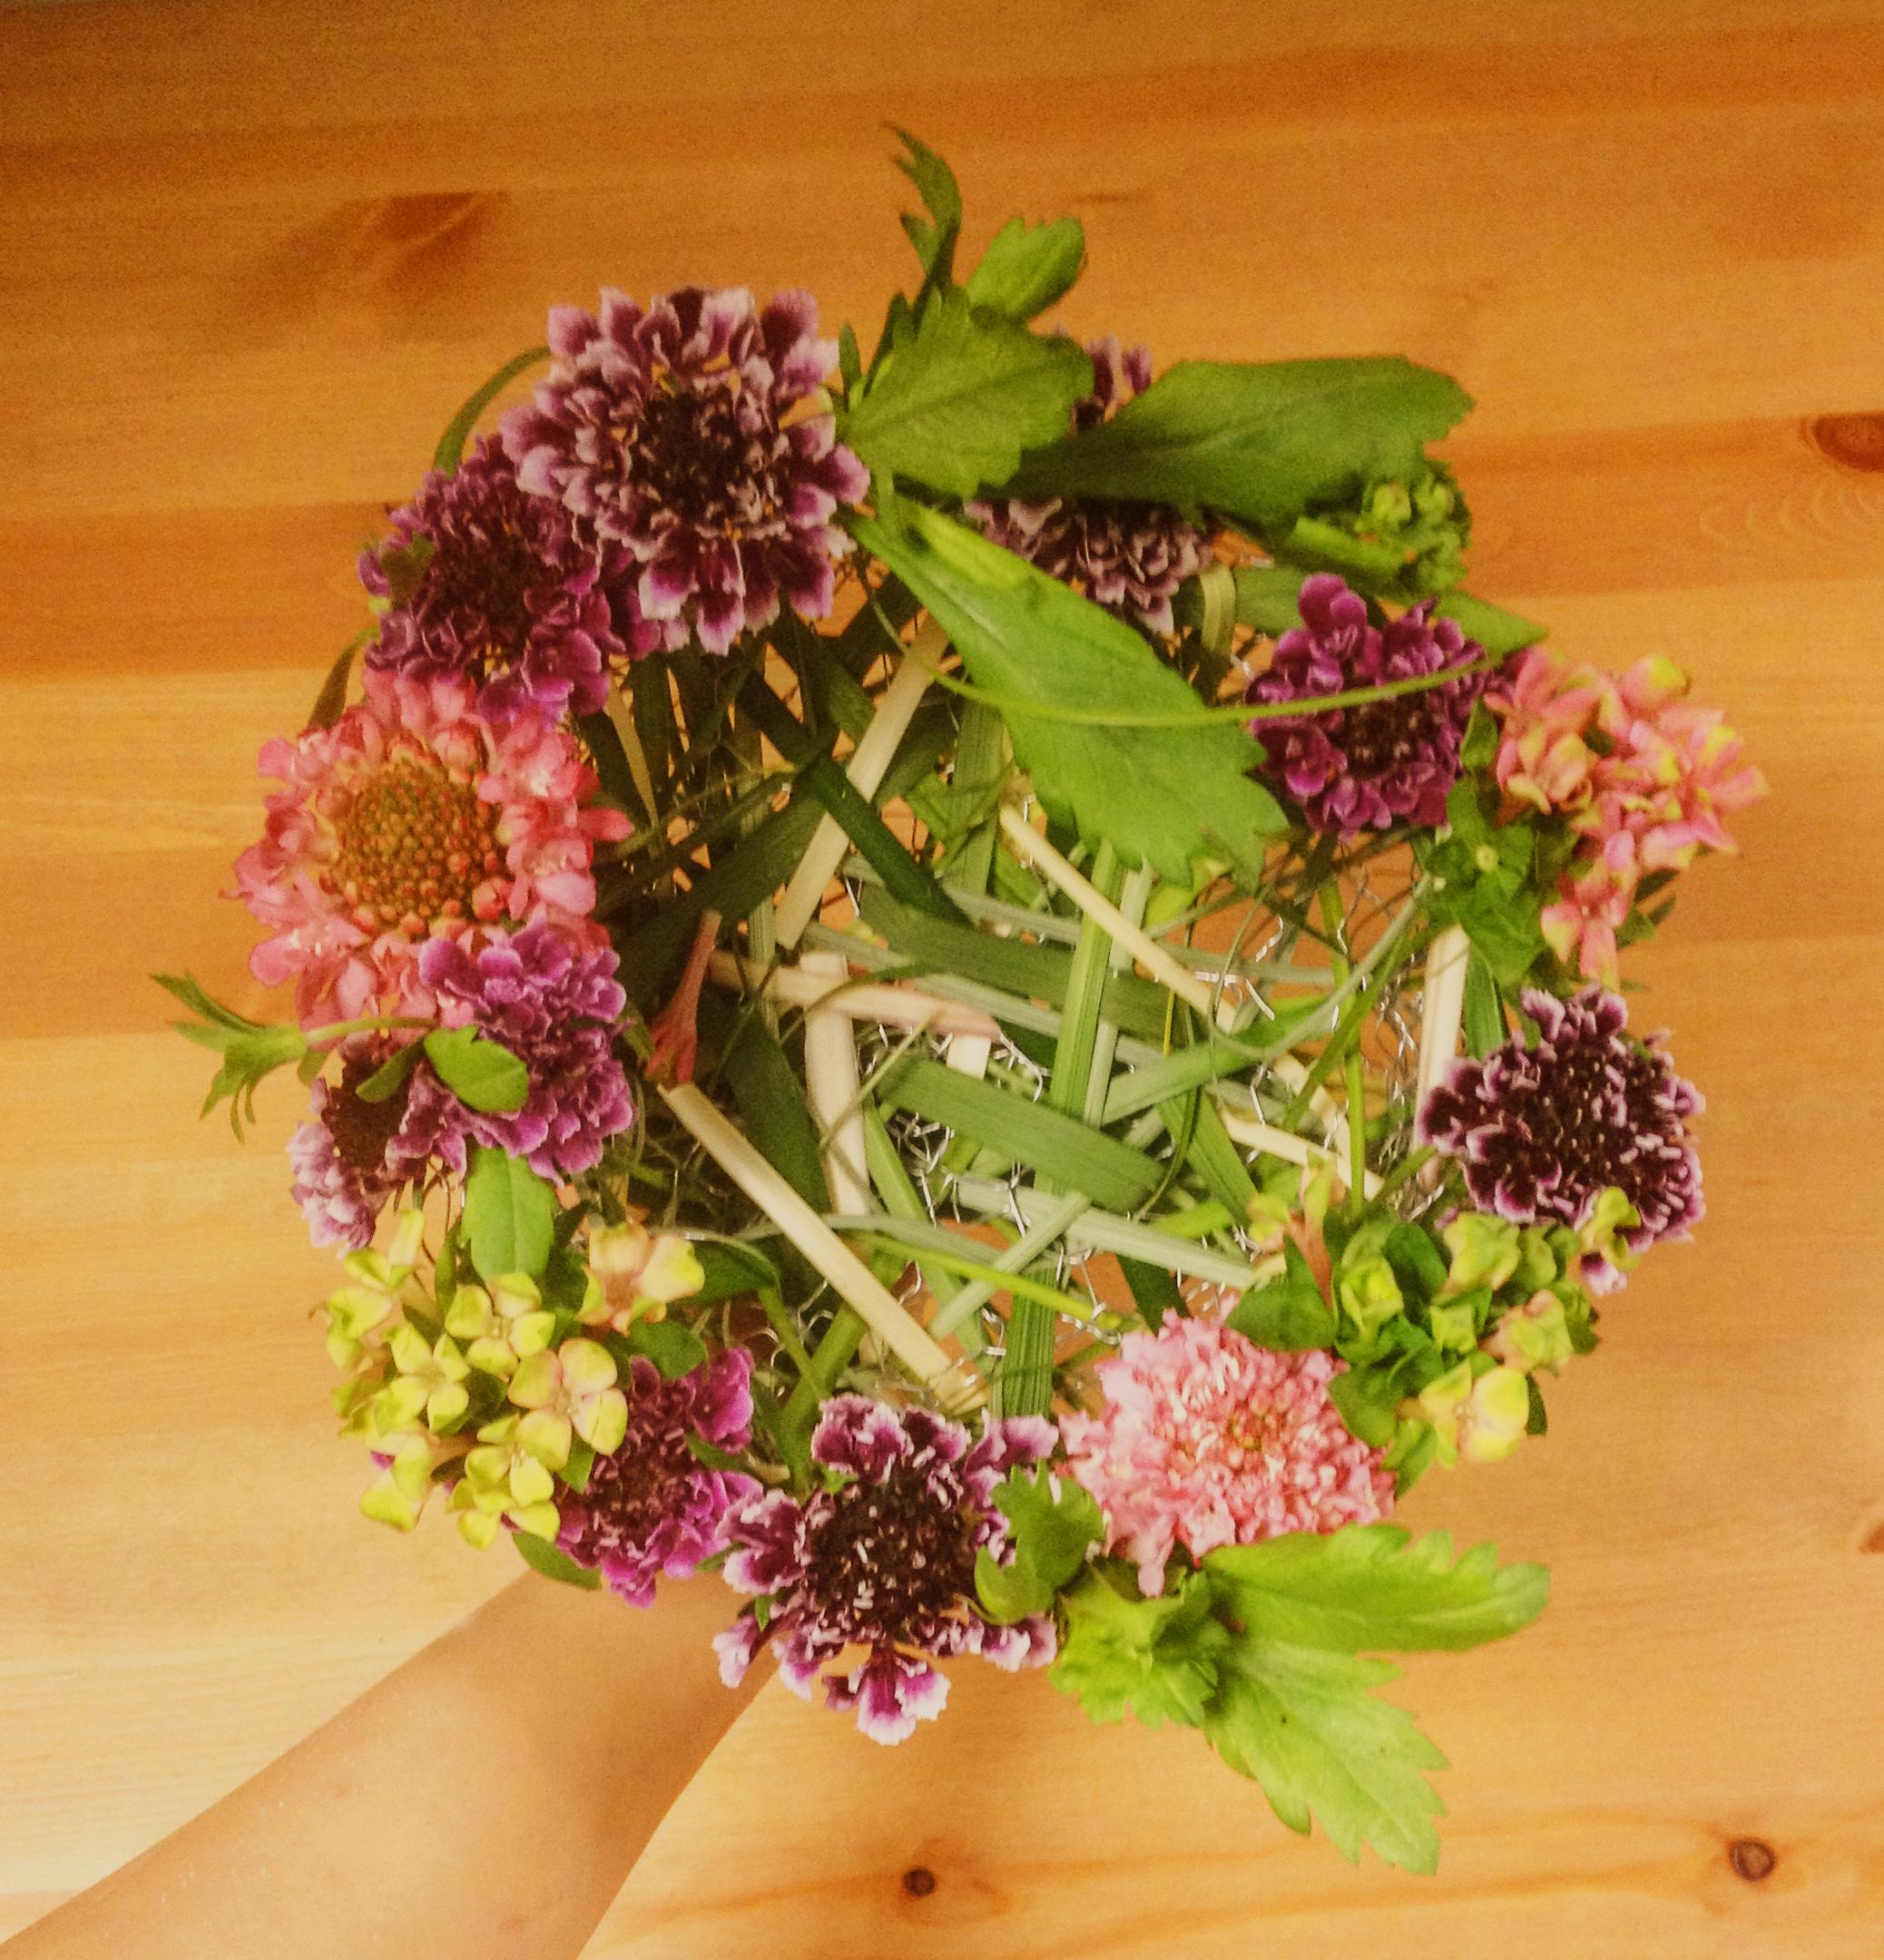 Birdnest bouquet